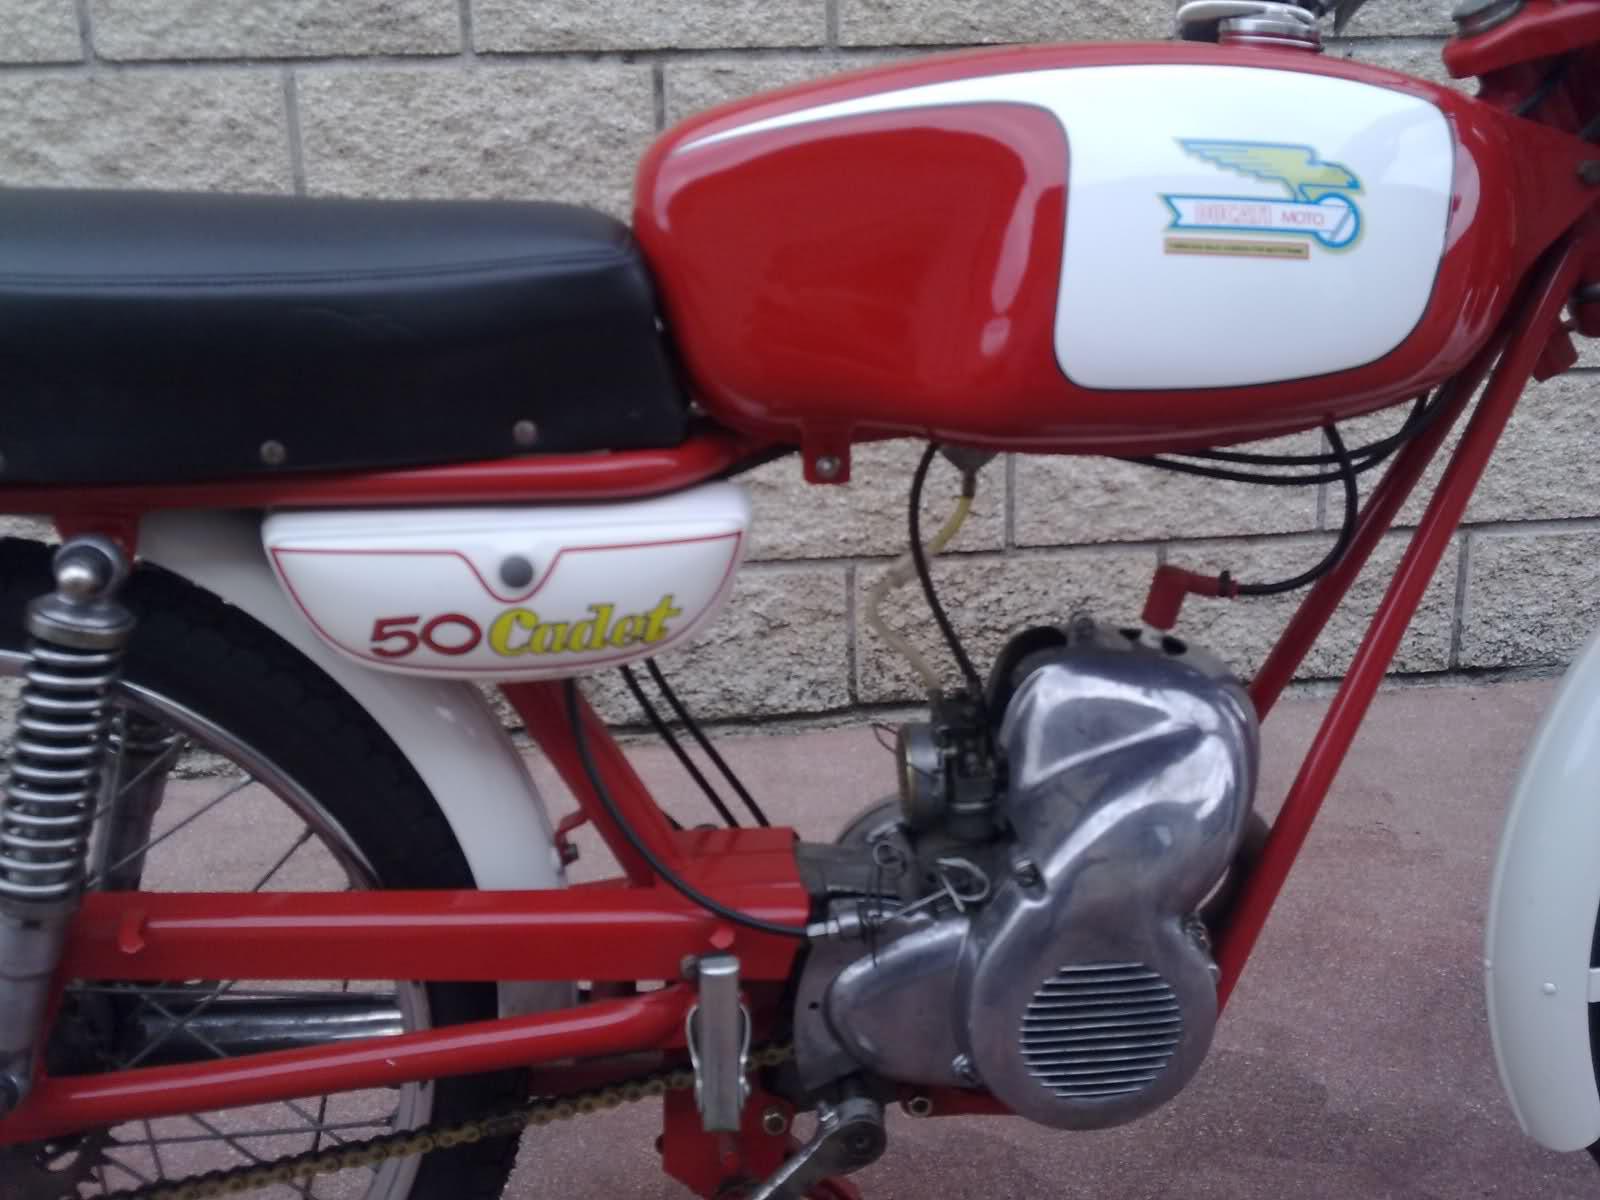 Restauración Ducati 48 Cadet 35hqvs4